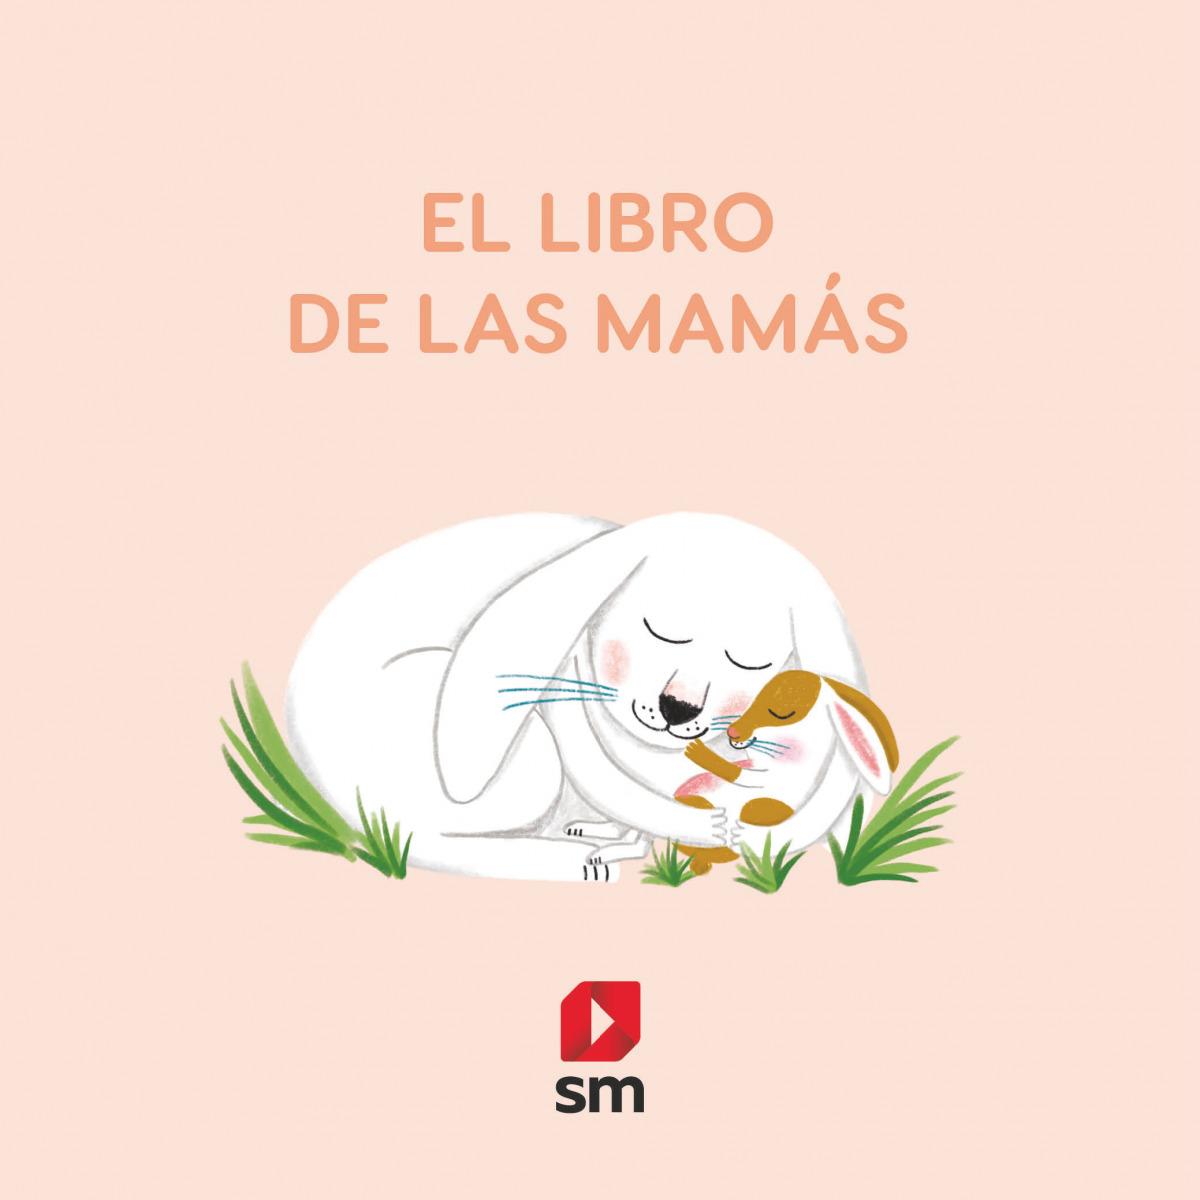 El libro de las mamás